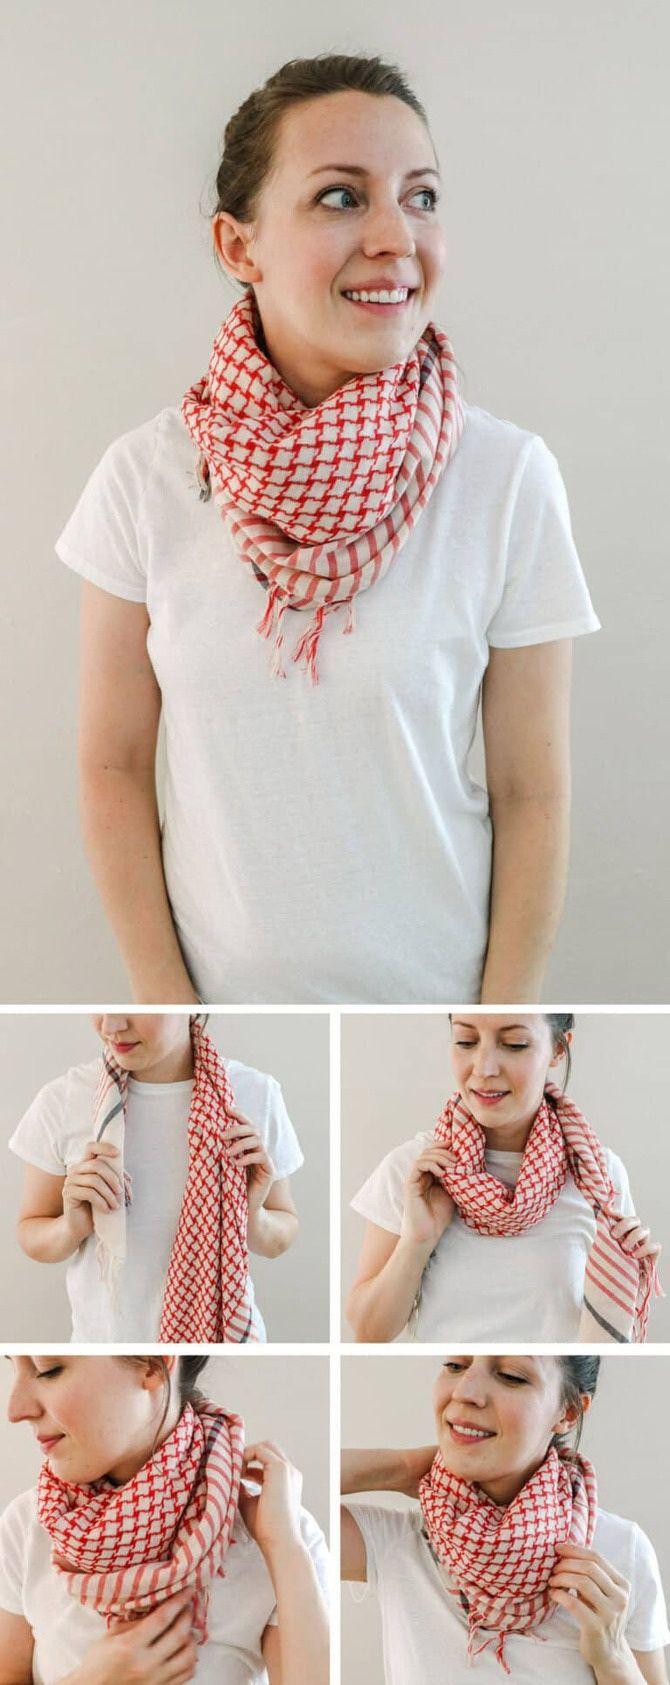 Як гарно зав'язати шарф: 19 найкращих способів 2